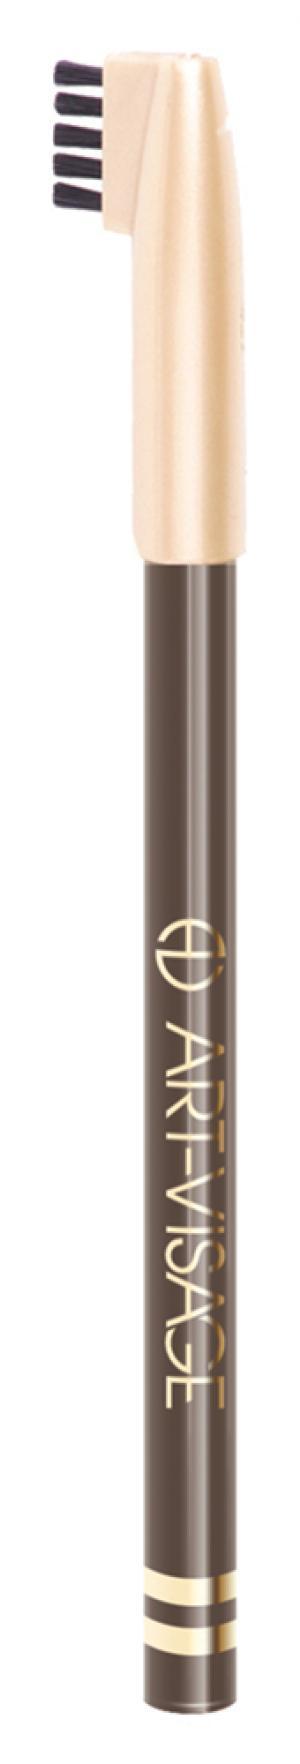 Карандаш для бровей Art-Visage 402 Темно-серый. Цвет: 402 темно-серый